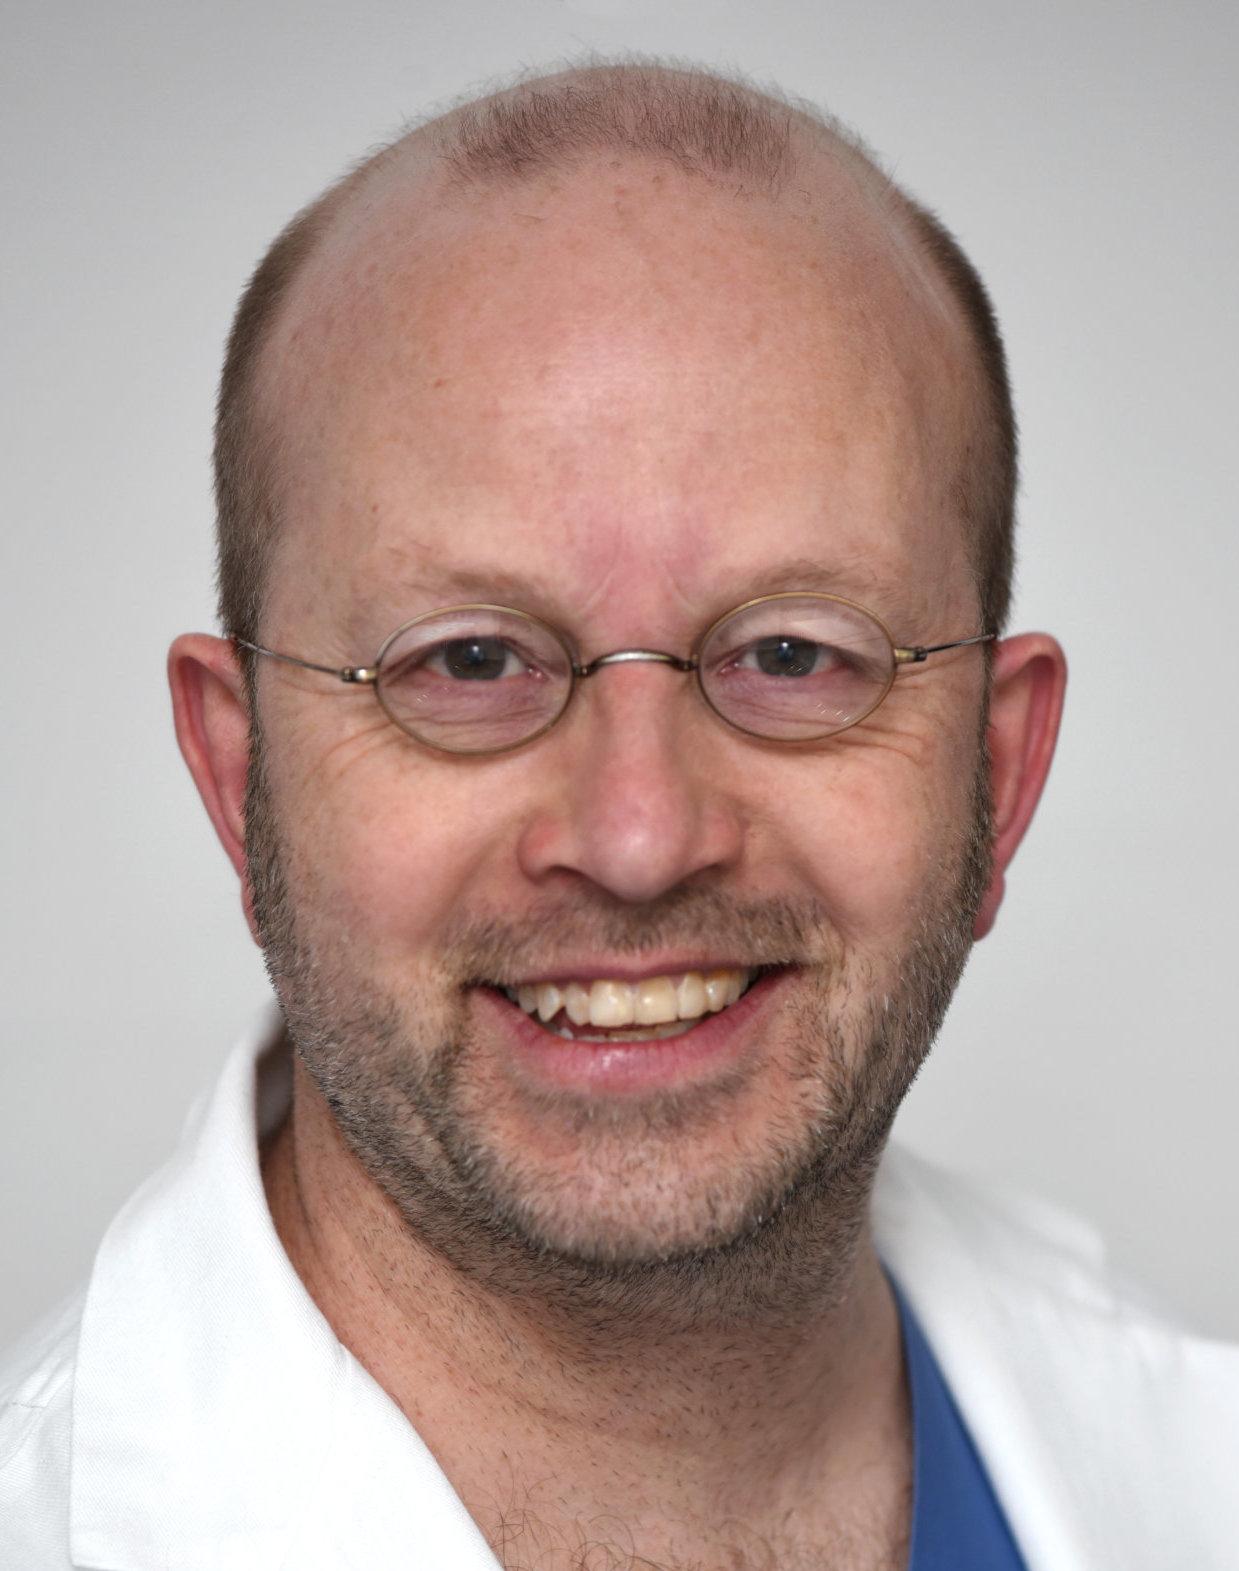 Chefarzt Dr. Bart Van de Pas